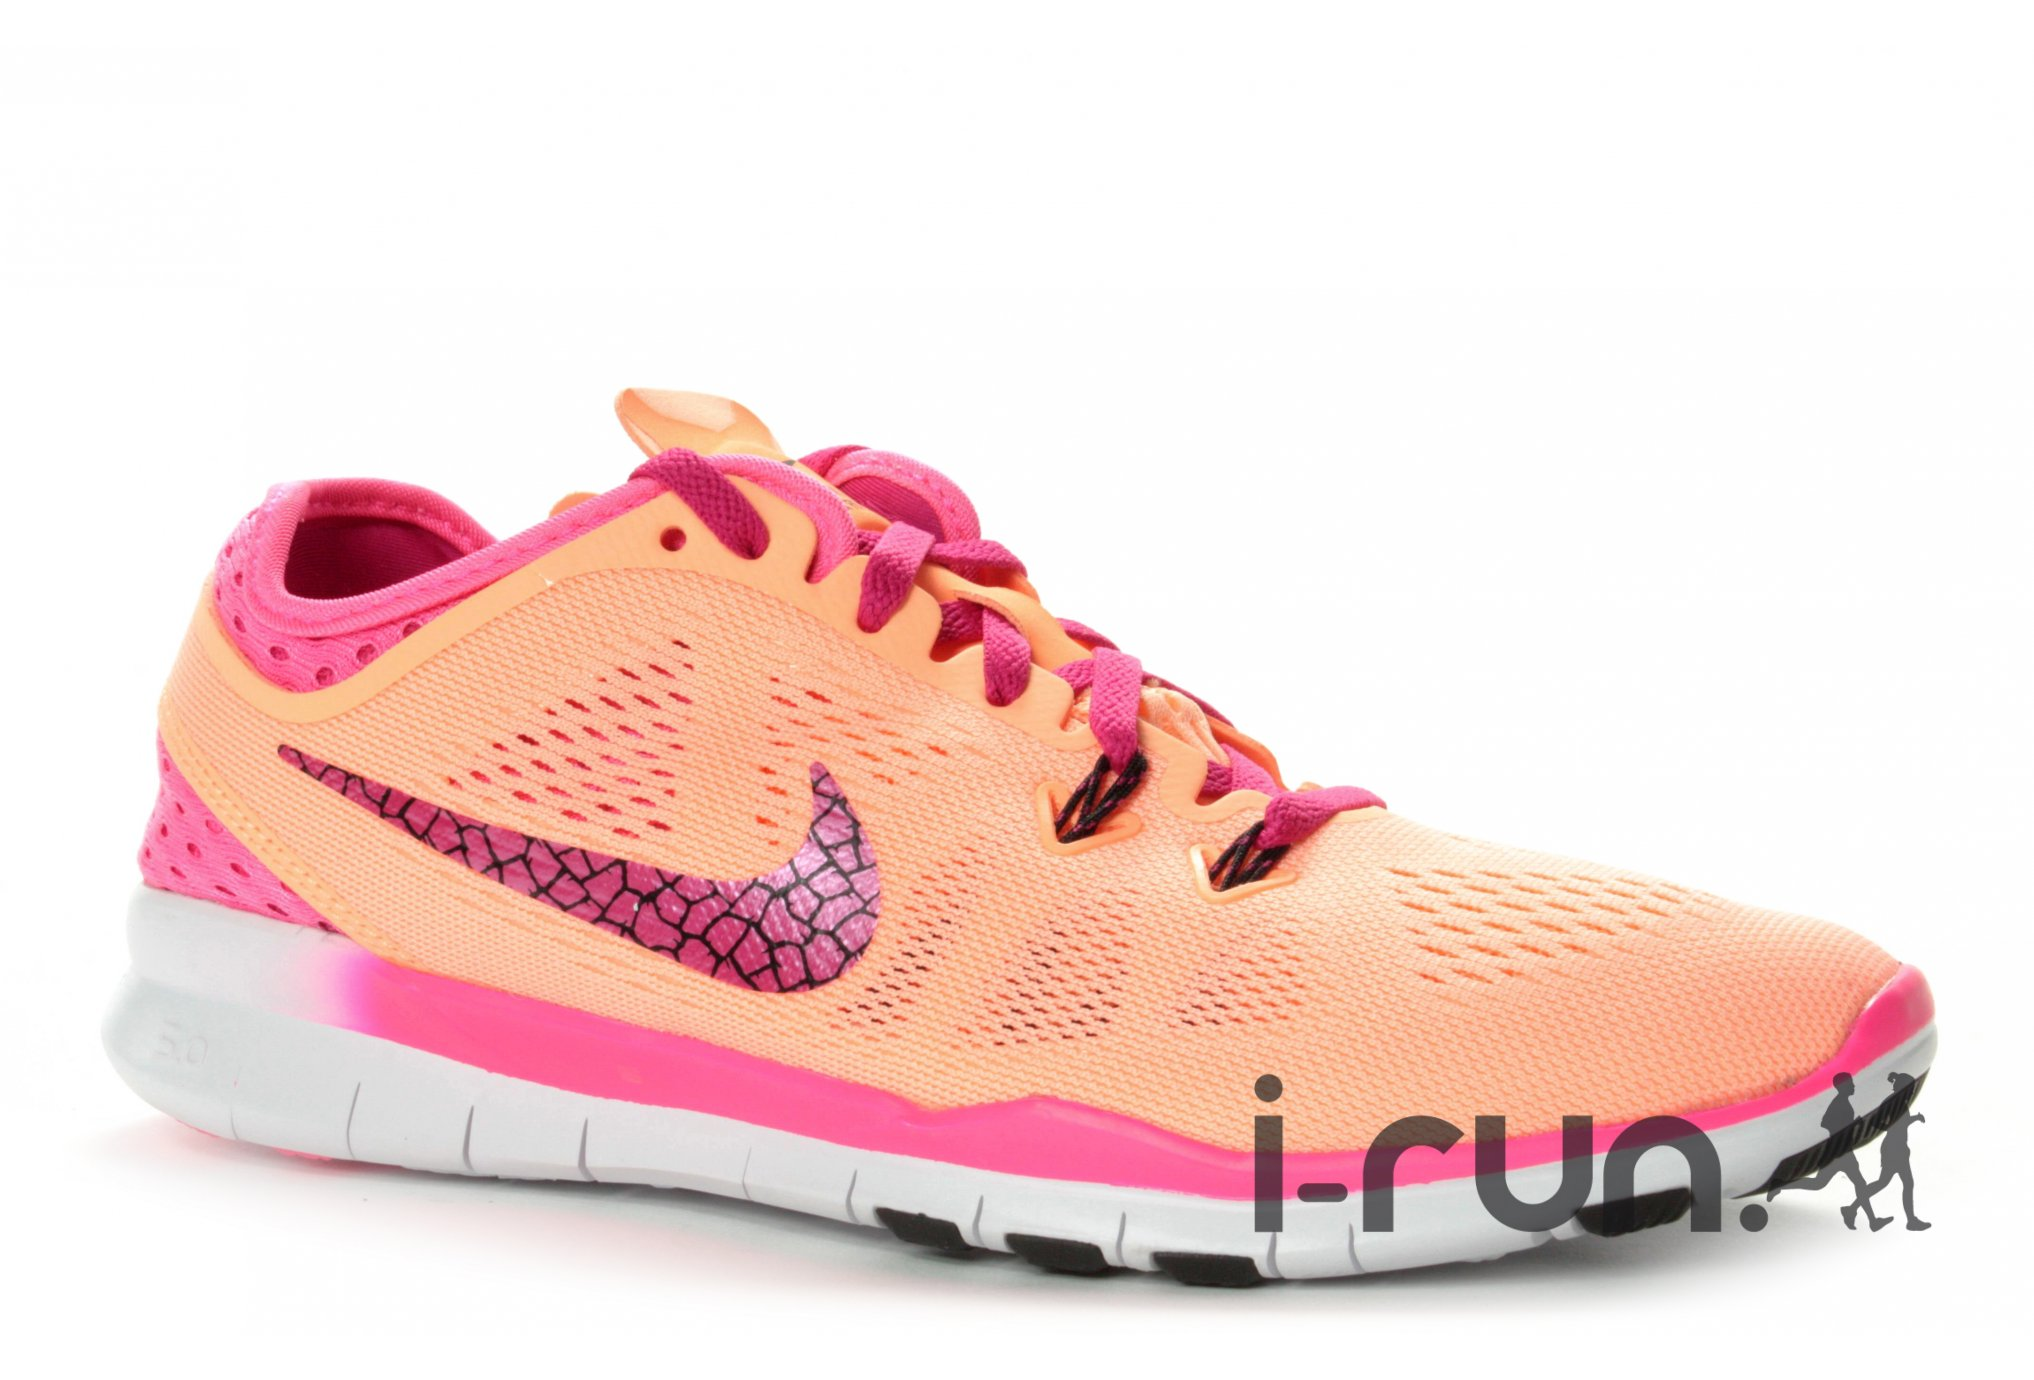 Home Nike Free 5.0 Saumon